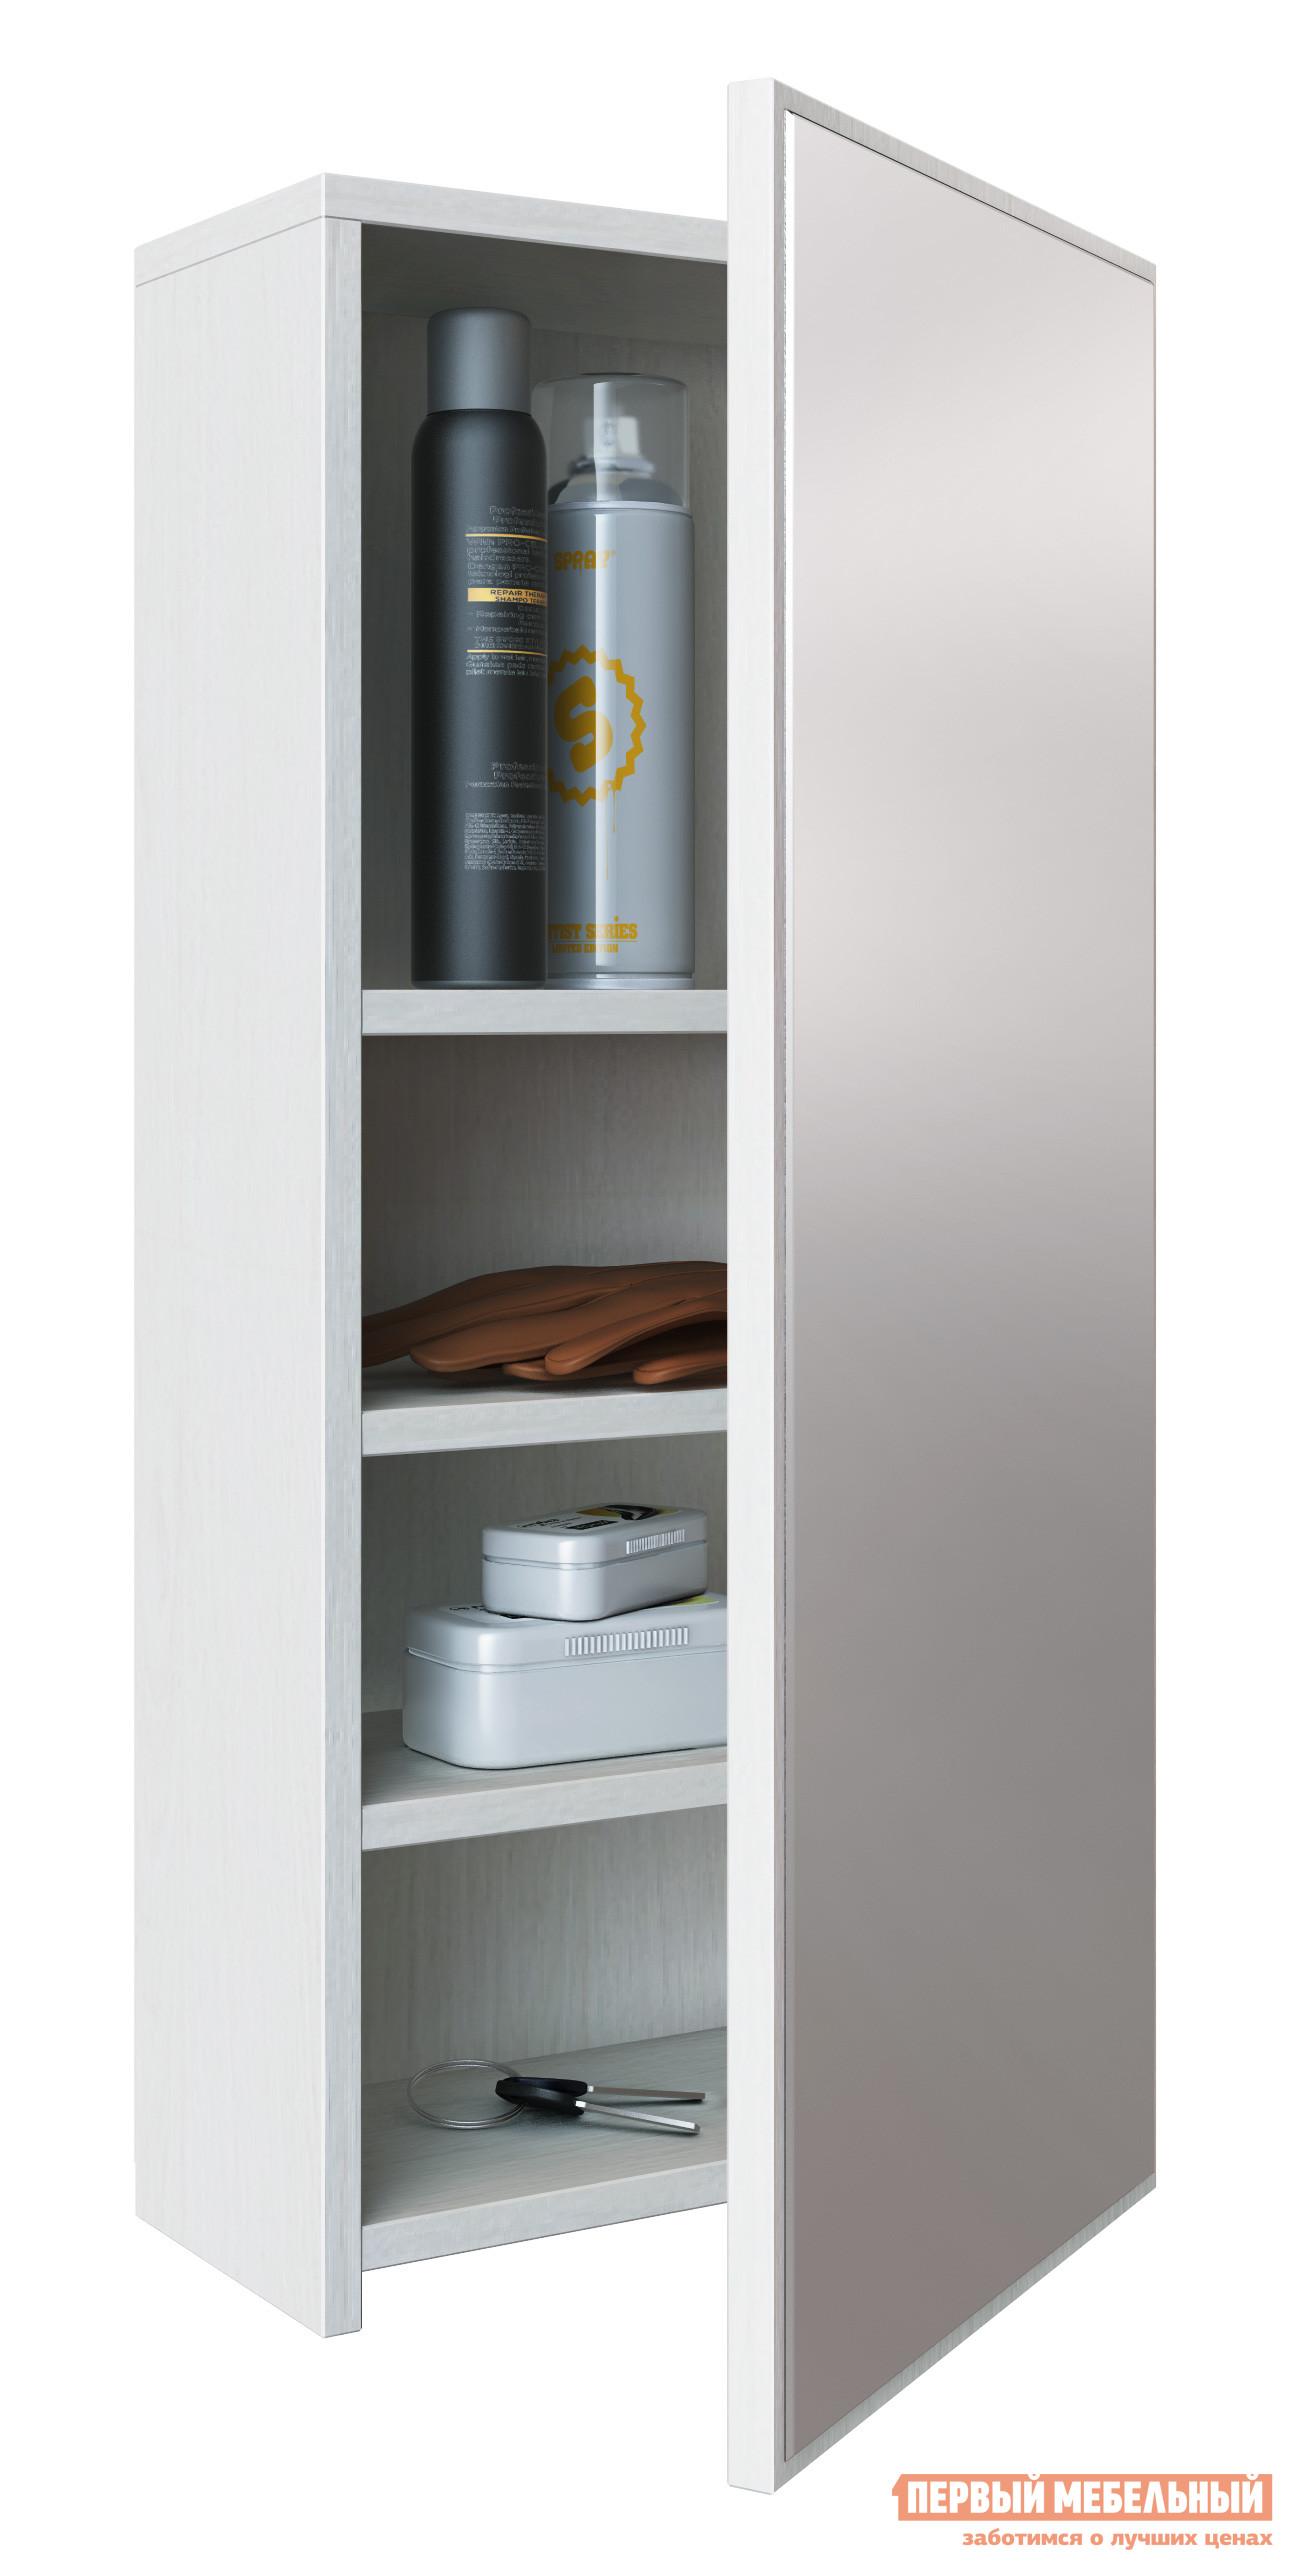 Шкаф настенный МФ Мастер Шкафчик Талио БелыйШкафы настенные<br>Габаритные размеры ВхШхГ 748x348x154 мм. Настенный шкафчик с зеркальной дверцей — удобный элемент для прихожей или гардеробной комнаты.  Внутри располагаются три разноуровневые полочки.  Отличный вариант для маленького помещения. Изготавливается из ЛДСП.<br><br>Цвет: Белый<br>Цвет: Светлое дерево<br>Высота мм: 748<br>Ширина мм: 348<br>Глубина мм: 154<br>Кол-во упаковок: 1<br>Форма поставки: В разобранном виде<br>Срок гарантии: 2 года